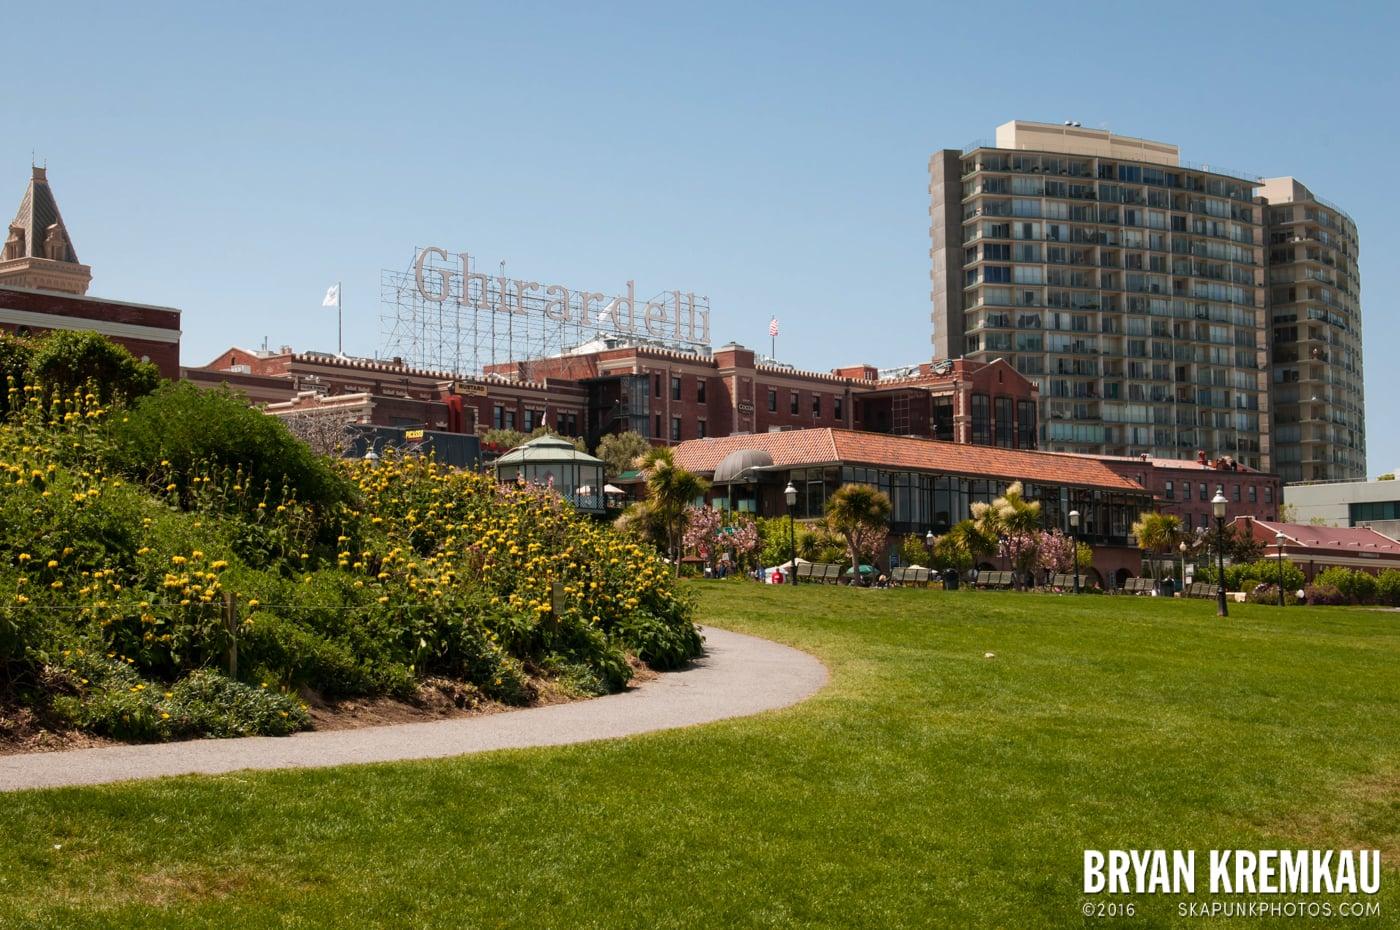 San Francisco Vacation - Day 2 - 4.29.12 (28)